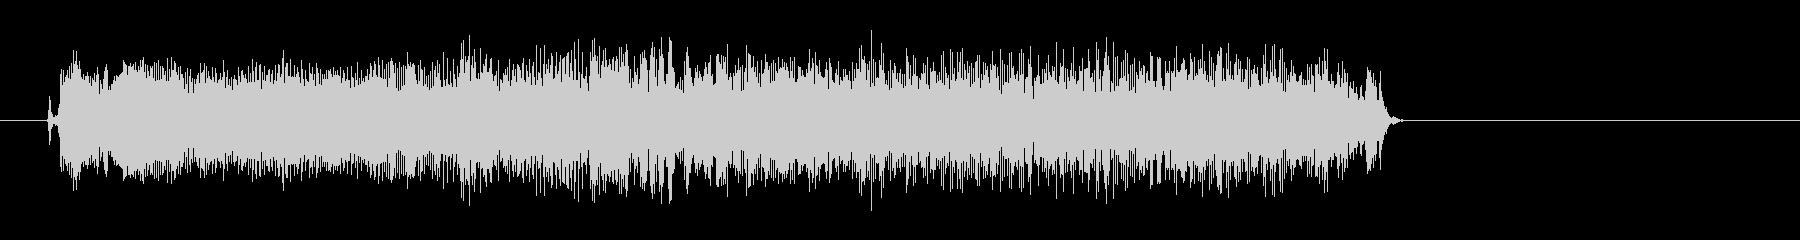 ロックギターによる場面転換音の未再生の波形